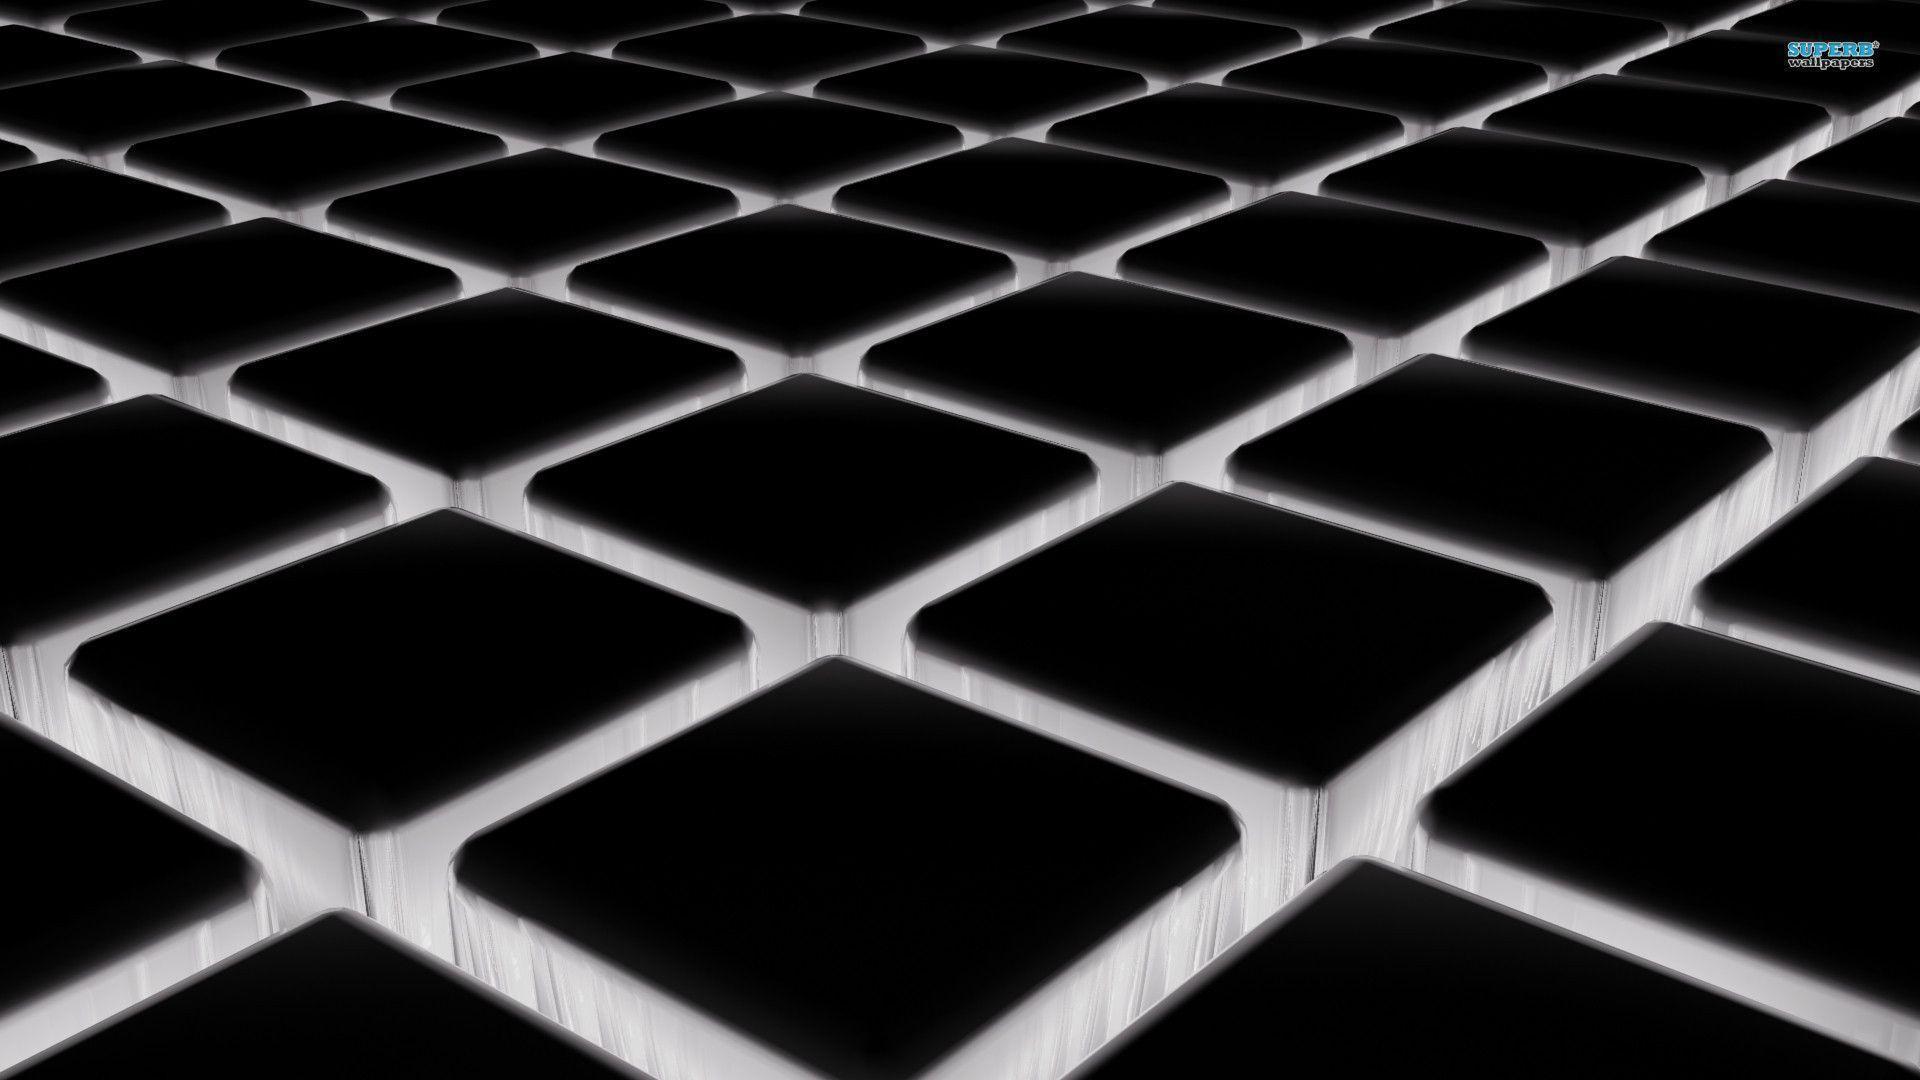 wallpaper 1920x1080 cube square - photo #6